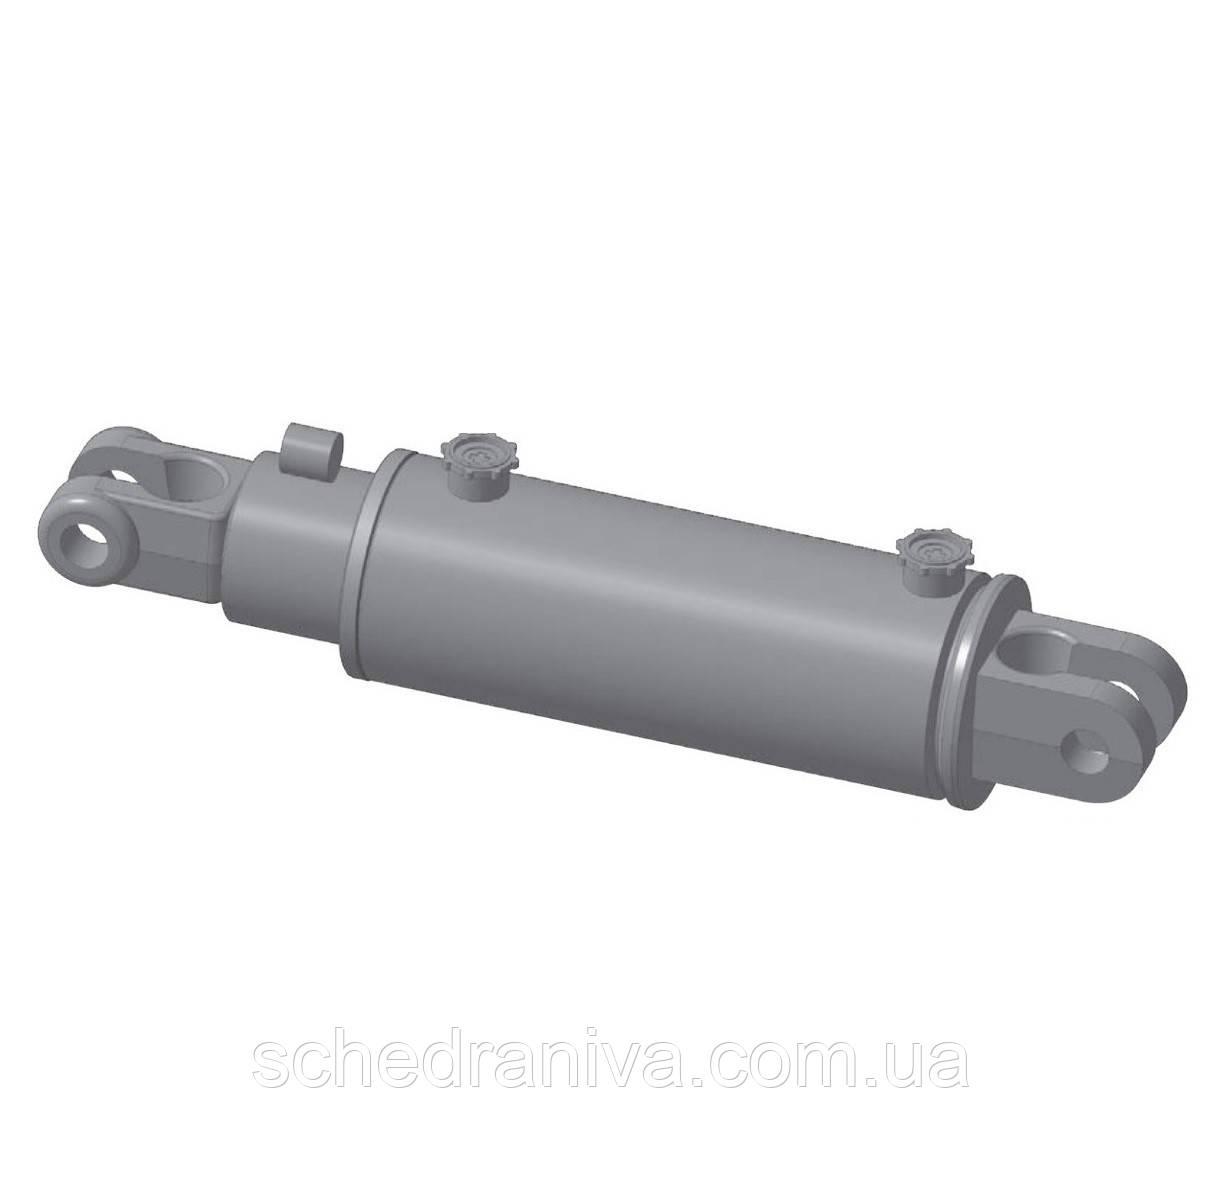 Гідроциліндр МС 100/40х200-3.44.А (515) п-во Гідросила